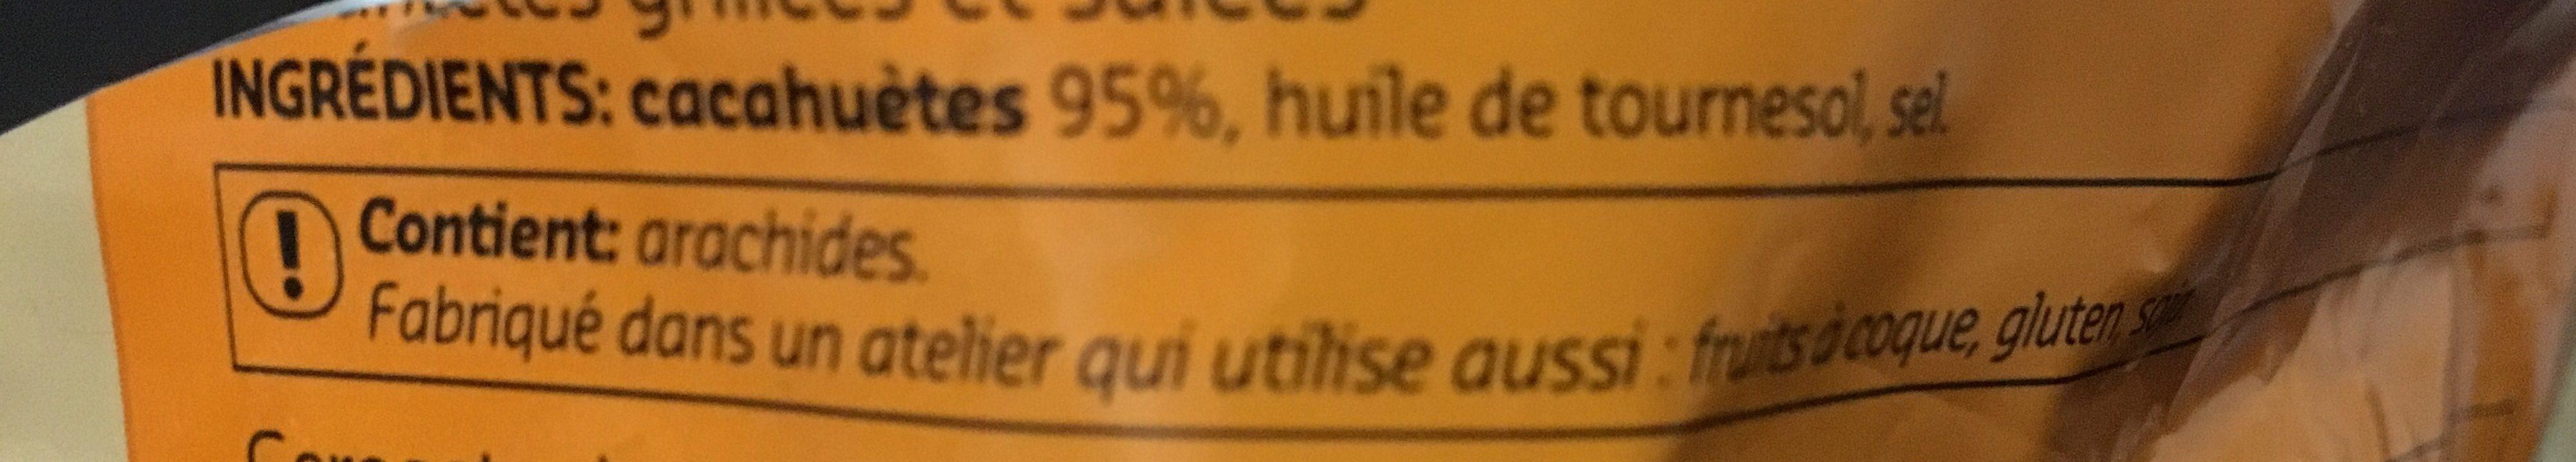 Cacahuetes grilles salees - Ingrédients - fr